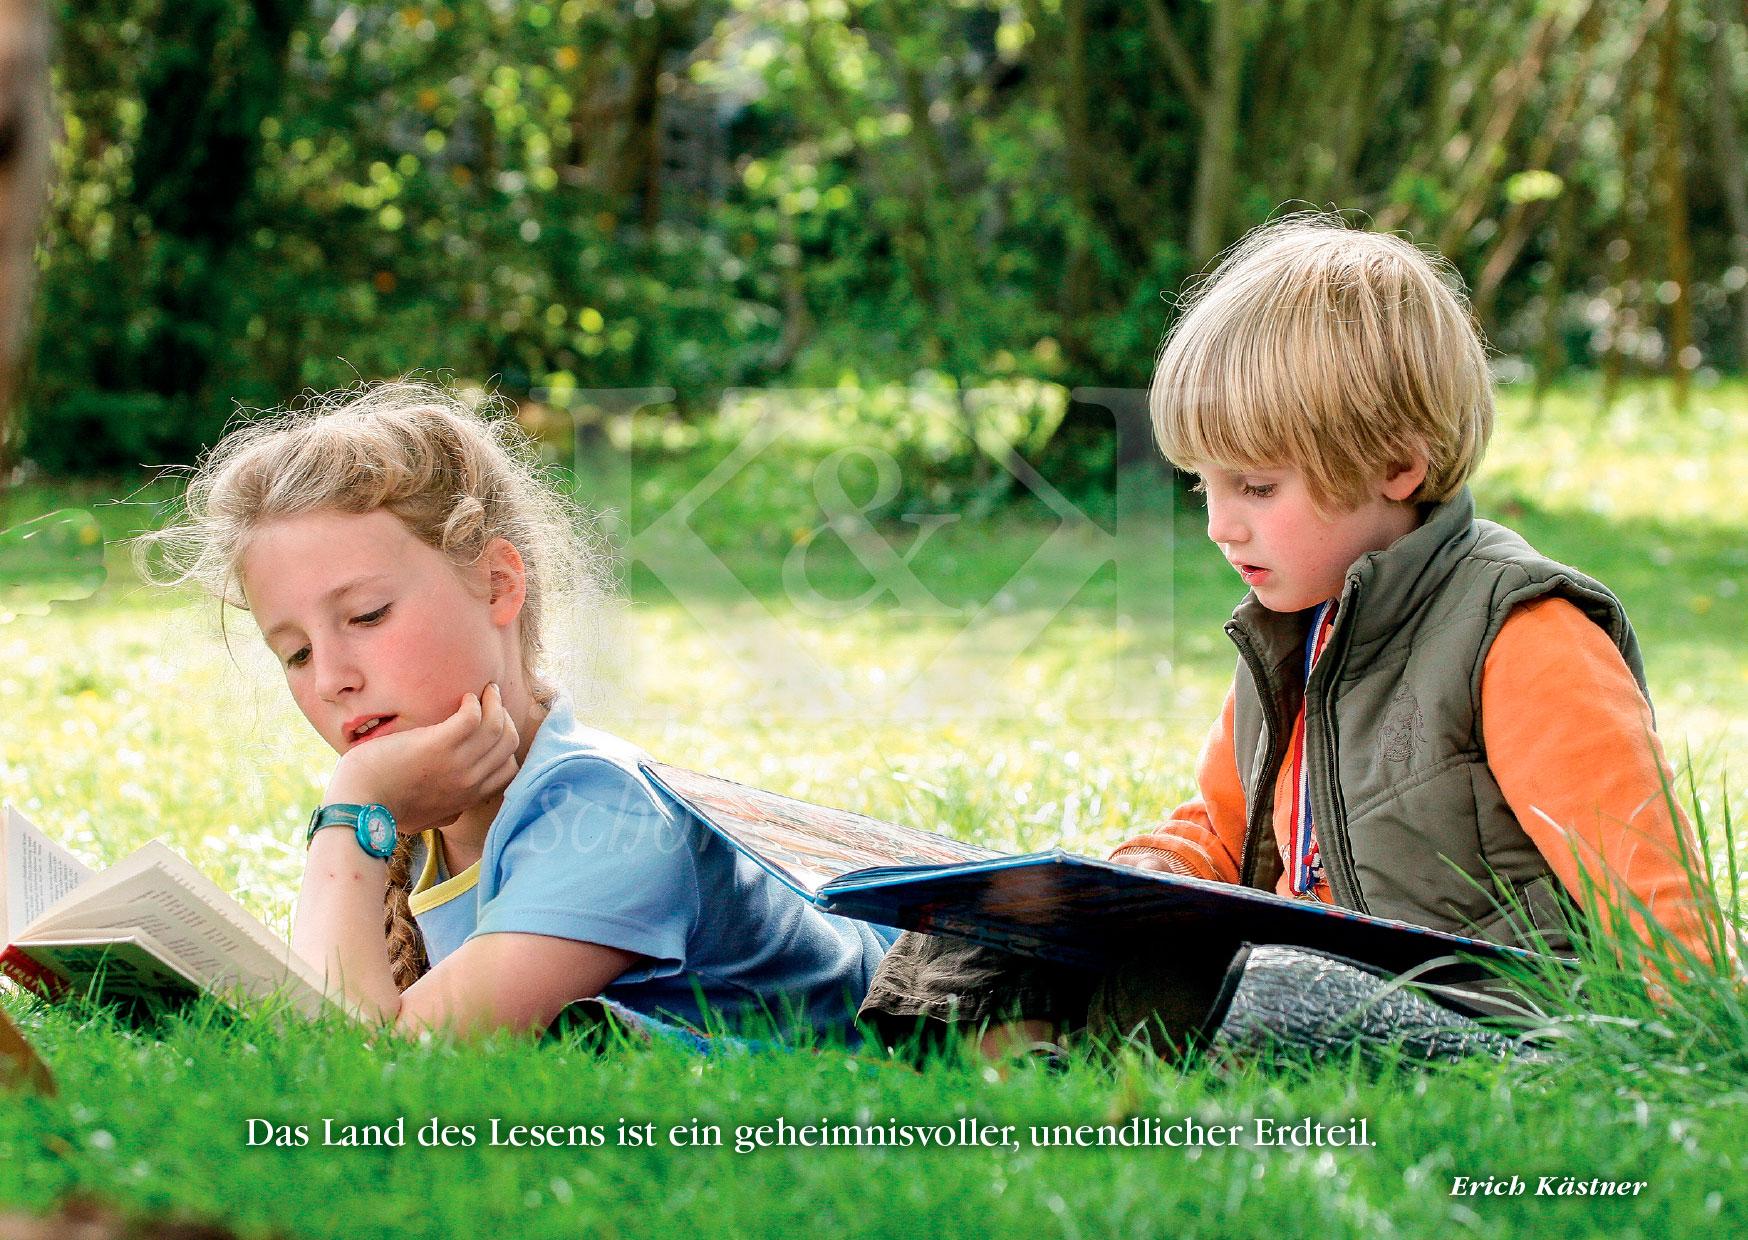 >>> NEU: Schöne Postkarte Nr. 106 · Im Land des Lesens versunken